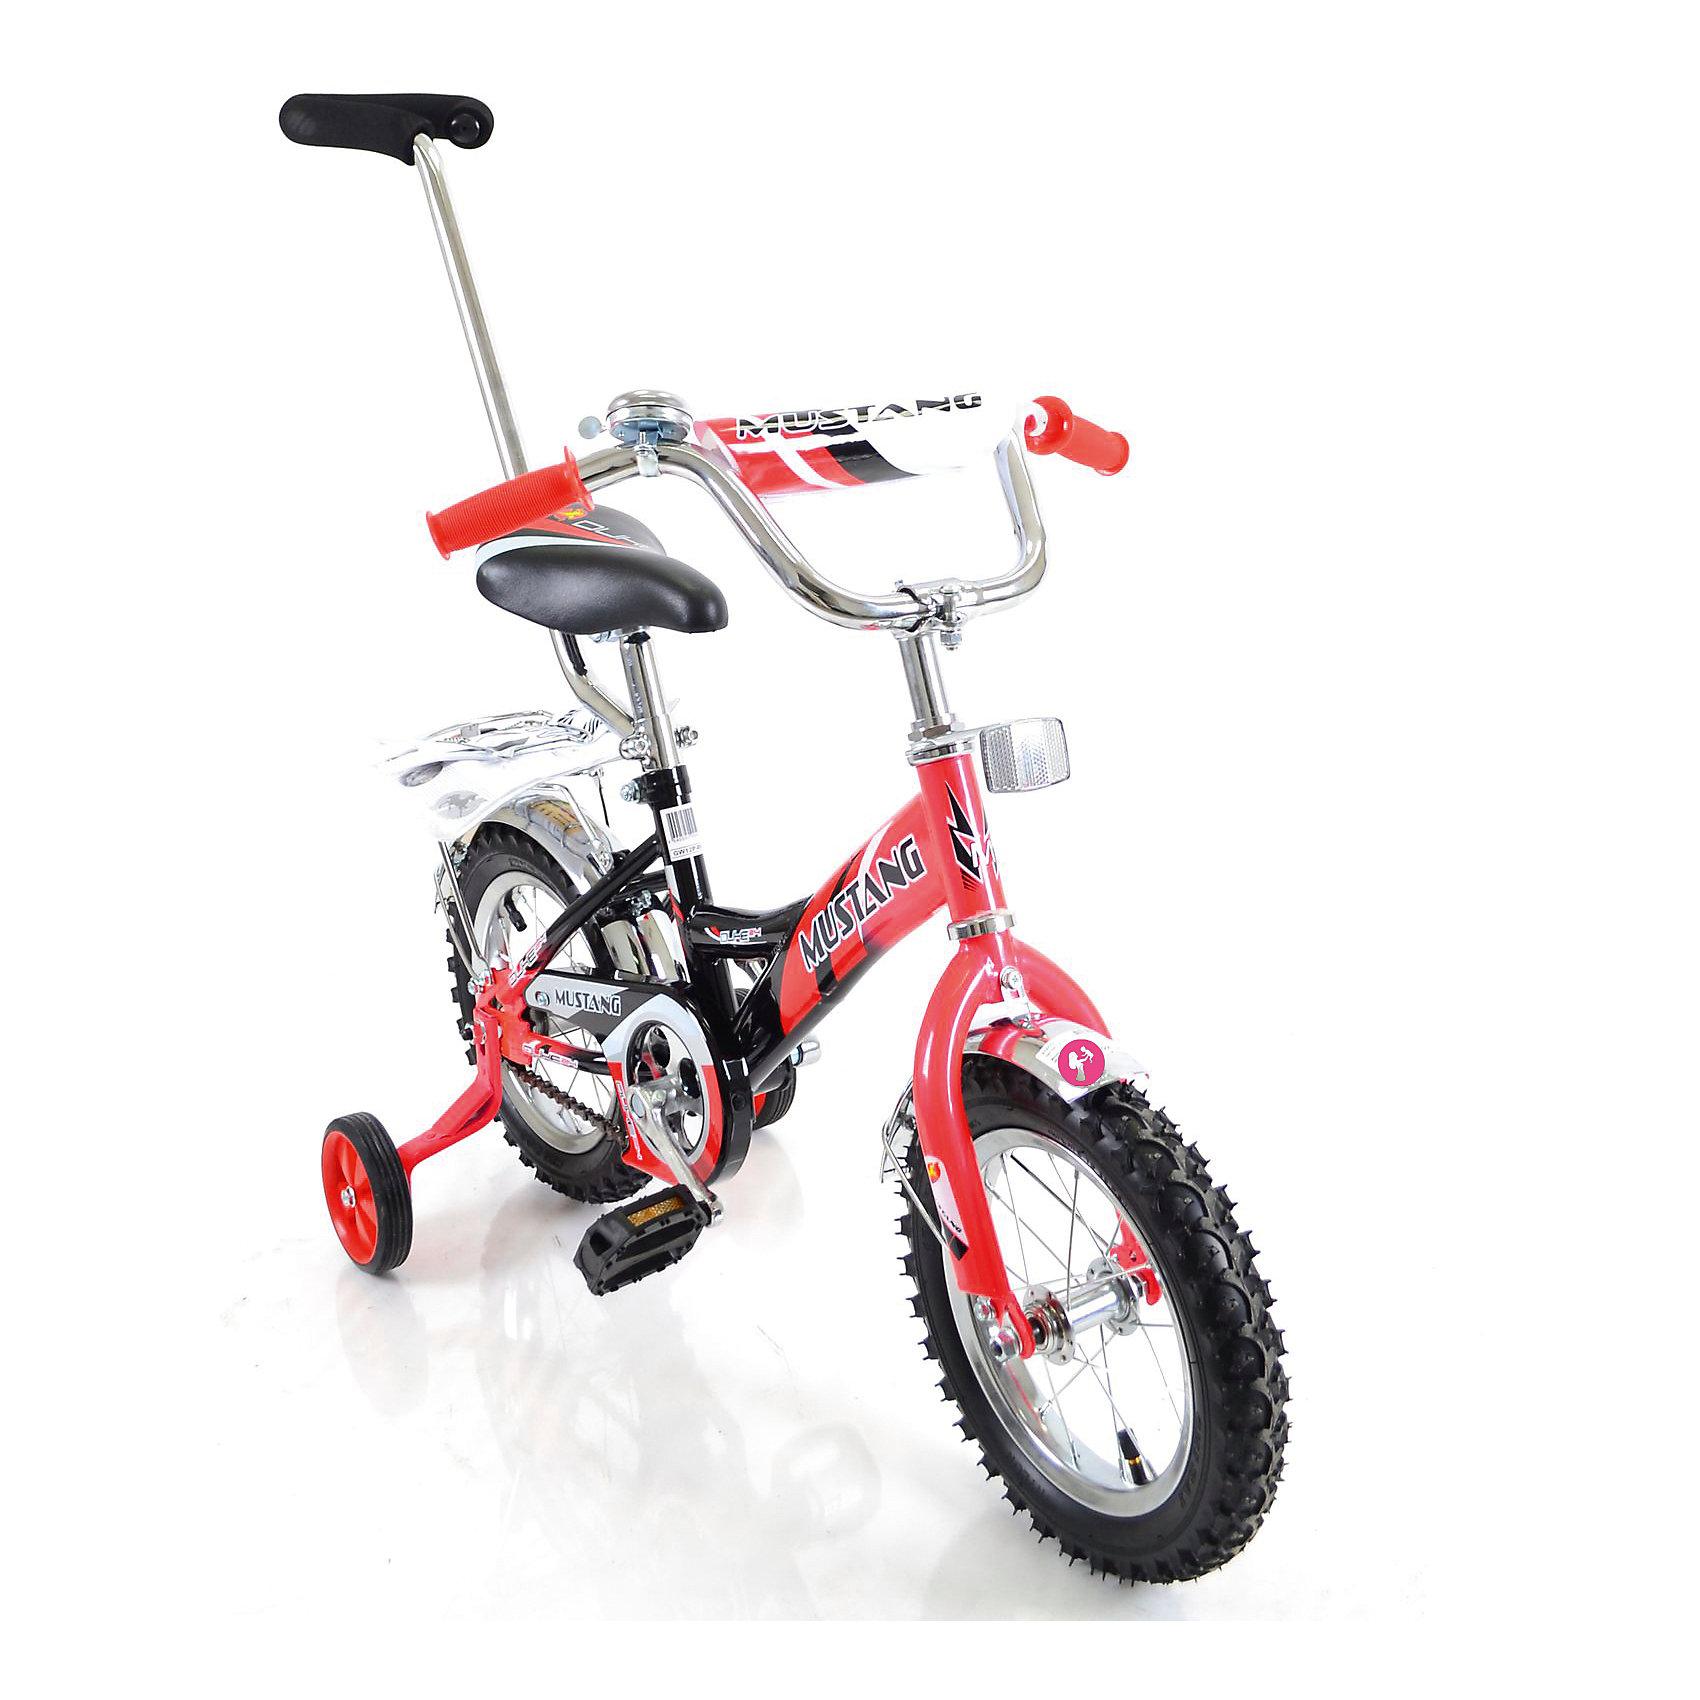 """Детский велосипед,  12,  красный/черный, MustangВелосипеды детские<br>Характеристики товара:<br><br>• цвет: красный, черный<br>• низкая Push-рама<br>• диаметр колес: 30 см (12)<br>• 1 скорость<br>• задний ножной тормоз<br>• регулируемый хромированный руль BMX с защитной накладкой<br>• багажник<br>• звонок<br>• приставные пластиковые колеса с усиленным кронштейном<br>• усиленные хромированные крылья<br>• съемная ручка-толкатель<br>• полная защита цепи """"Р"""" типа<br>• вес: 10,4 кг<br>• размер в собранном виде: 85х50х90 см<br>• допустимый вес: до 35 кг<br>• рекомендуемый возраст: от 12 мес<br>• страна производства: Китай<br><br>Велосипед детский «Mustang» 12"""" можно купить в нашем магазине.<br><br>Ширина мм: 850<br>Глубина мм: 500<br>Высота мм: 900<br>Вес г: 10400<br>Возраст от месяцев: 12<br>Возраст до месяцев: 60<br>Пол: Унисекс<br>Возраст: Детский<br>SKU: 5526391"""